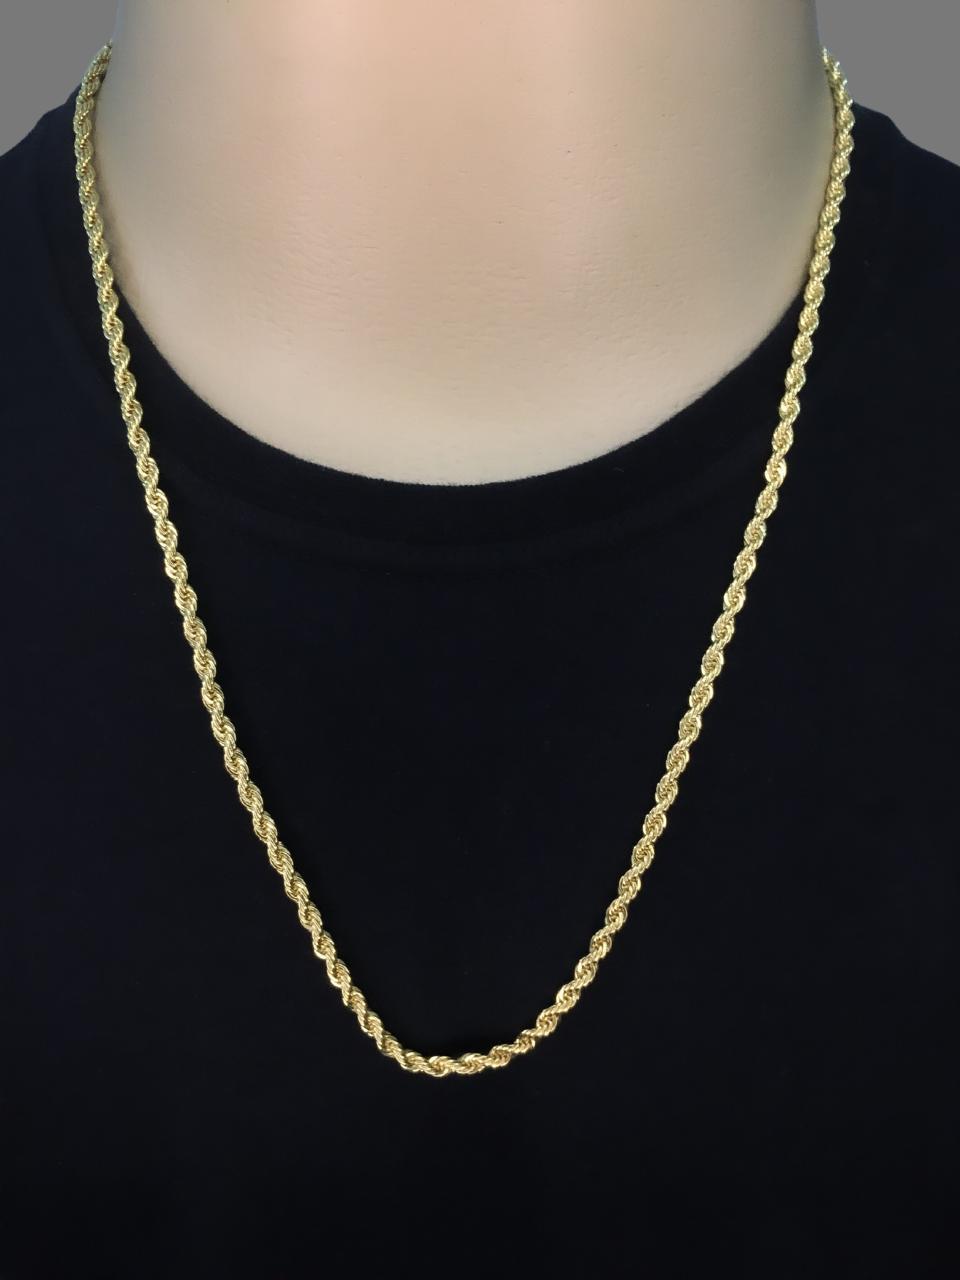 Cordão  Baiano -  5 milímetros - 70 Centímetros - fecho Canhão  - Banhado a ouro 18 k